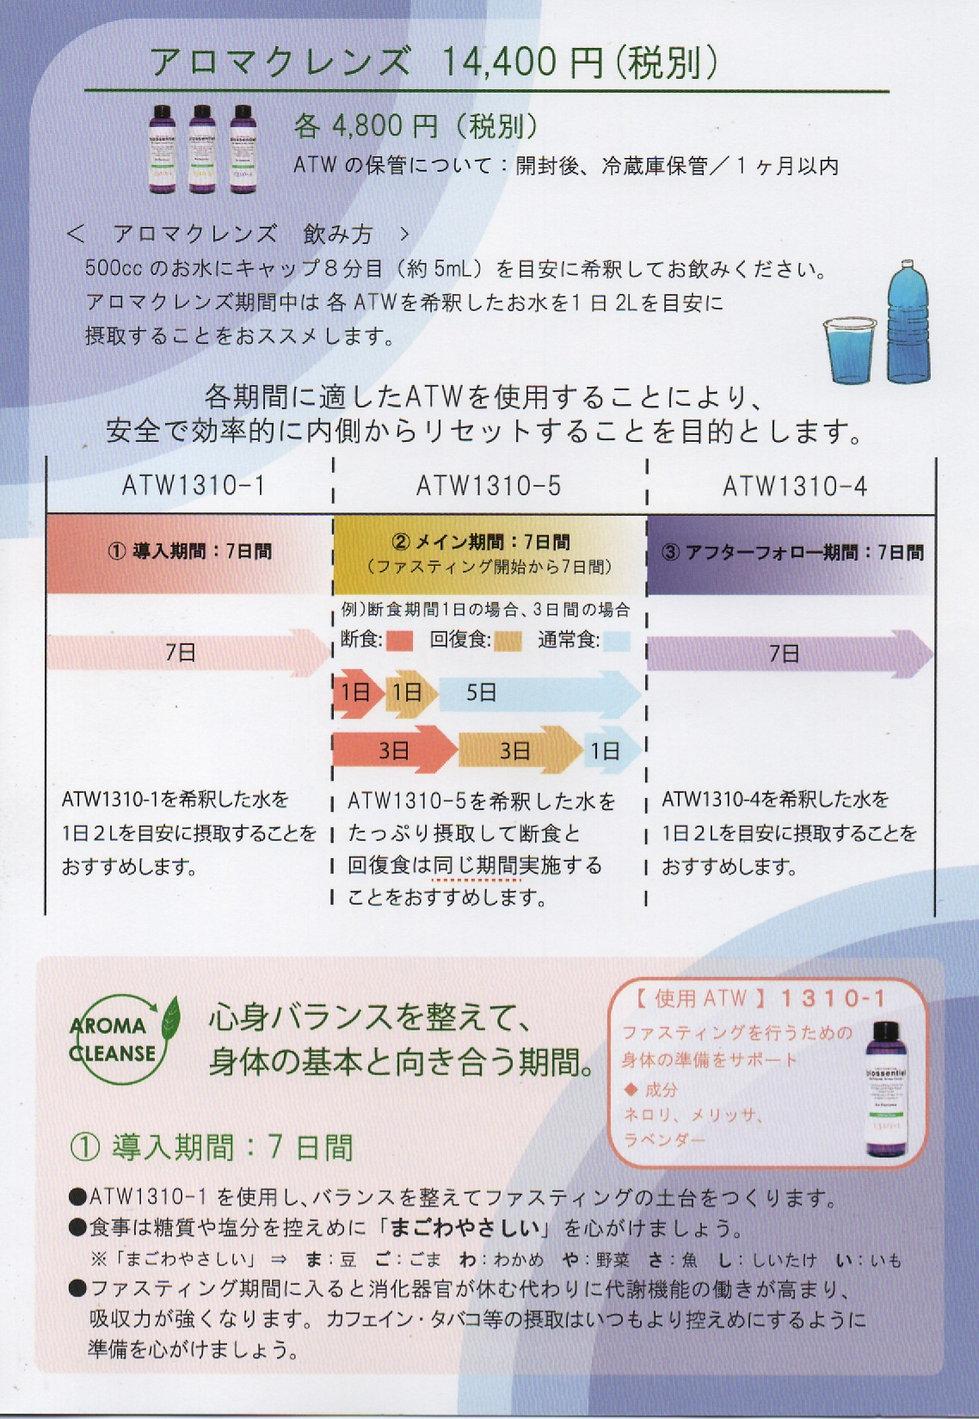 スキャン_20191025 (3)_edited.jpg